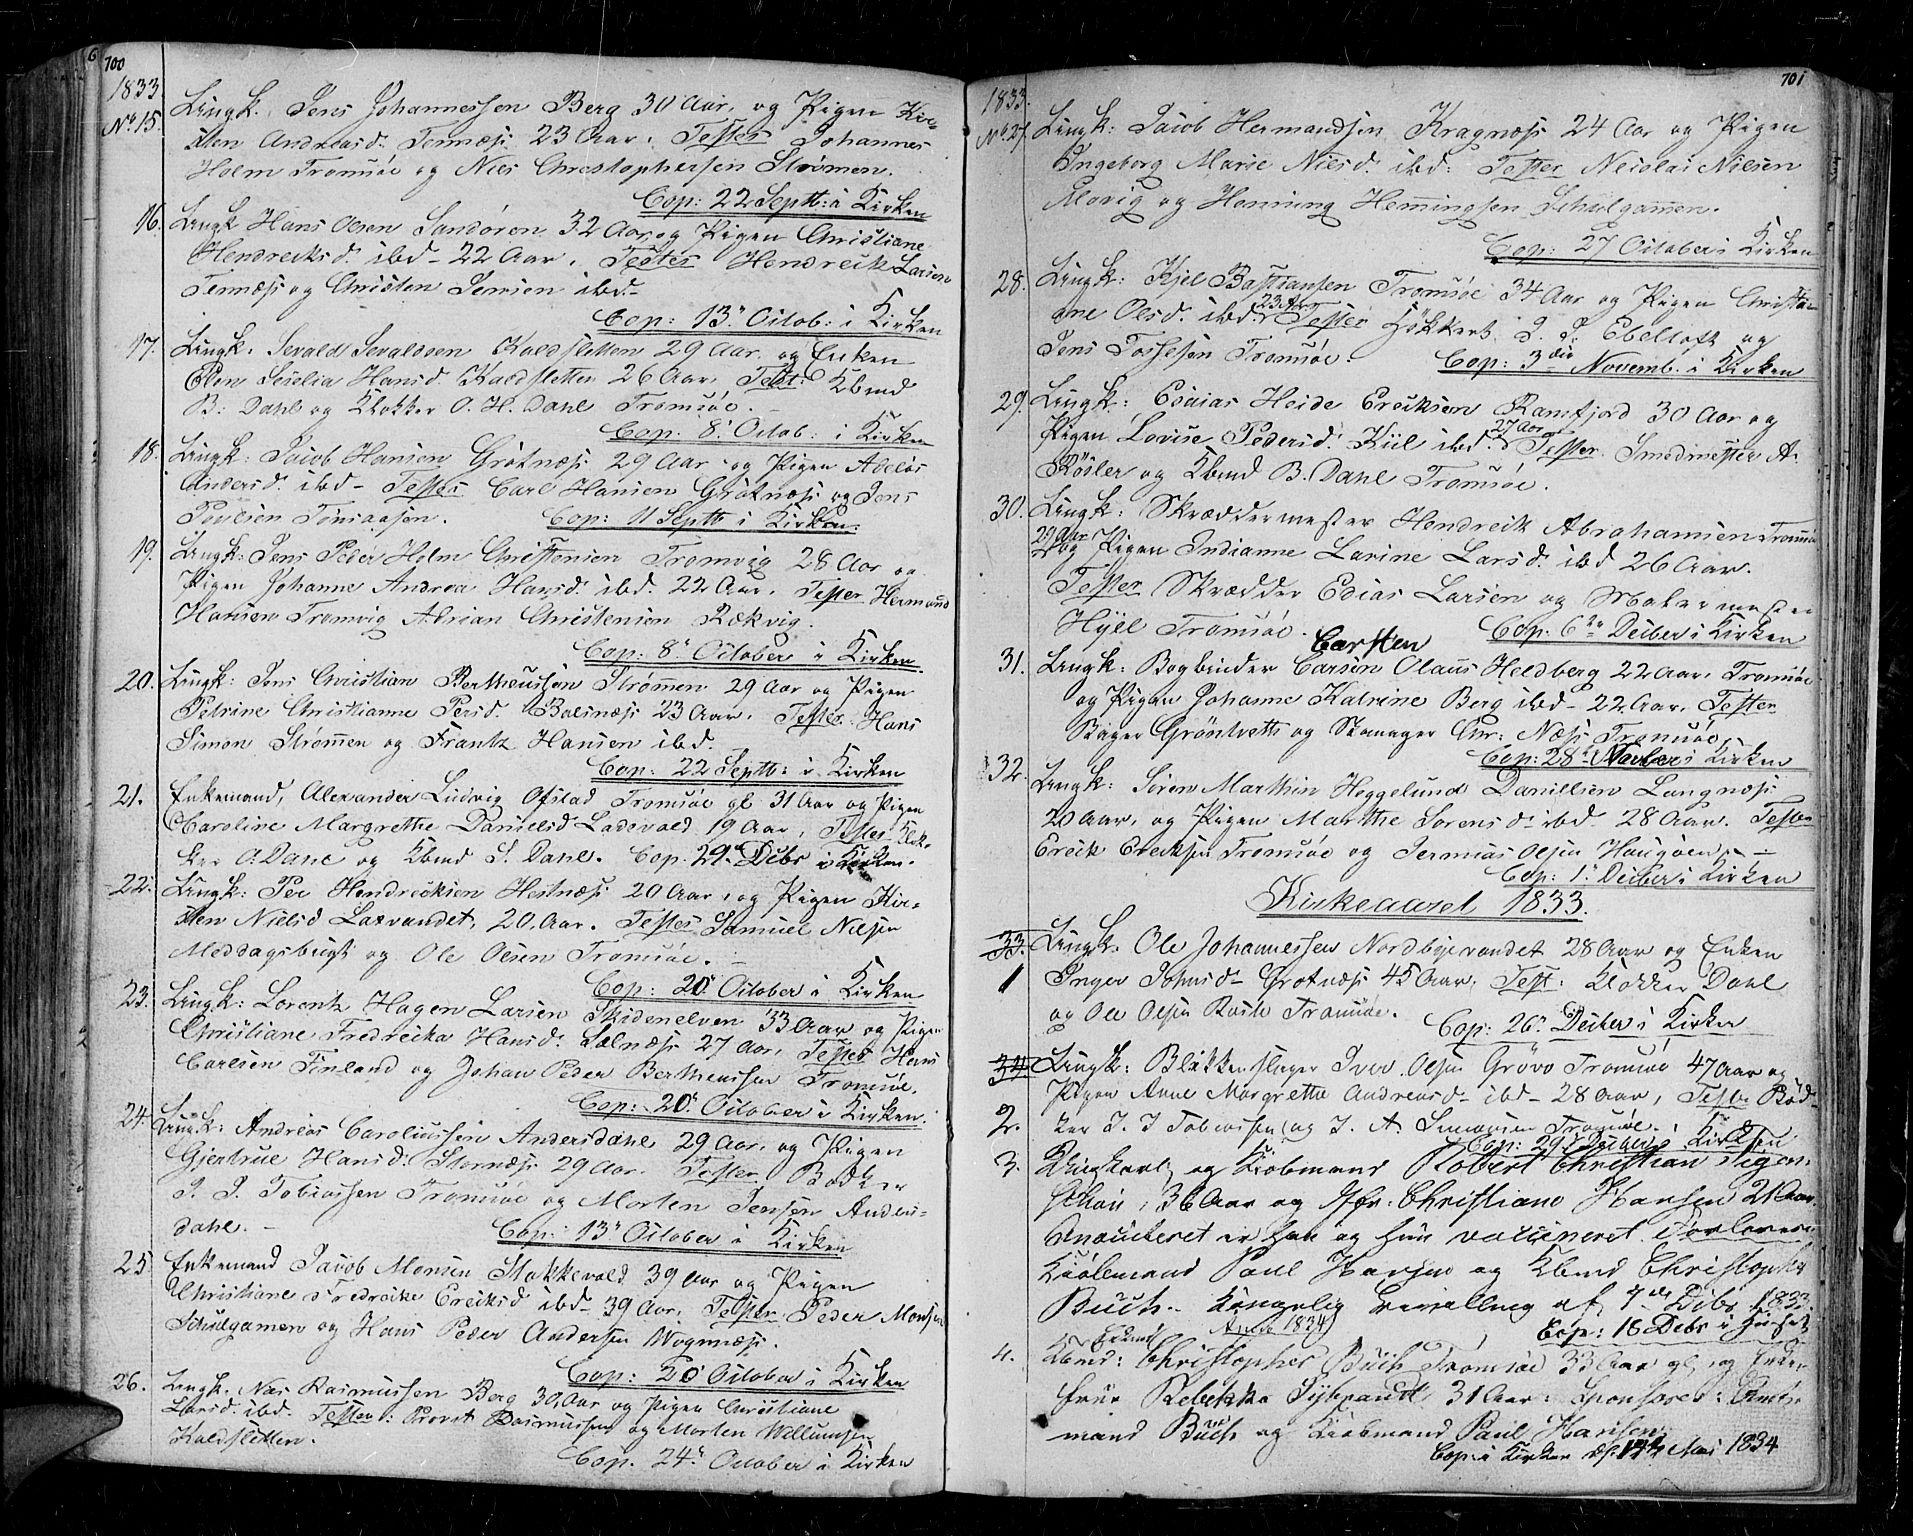 SATØ, Tromsø sokneprestkontor/stiftsprosti/domprosti, G/Ga/L0008kirke: Ministerialbok nr. 8, 1829-1837, s. 700-701